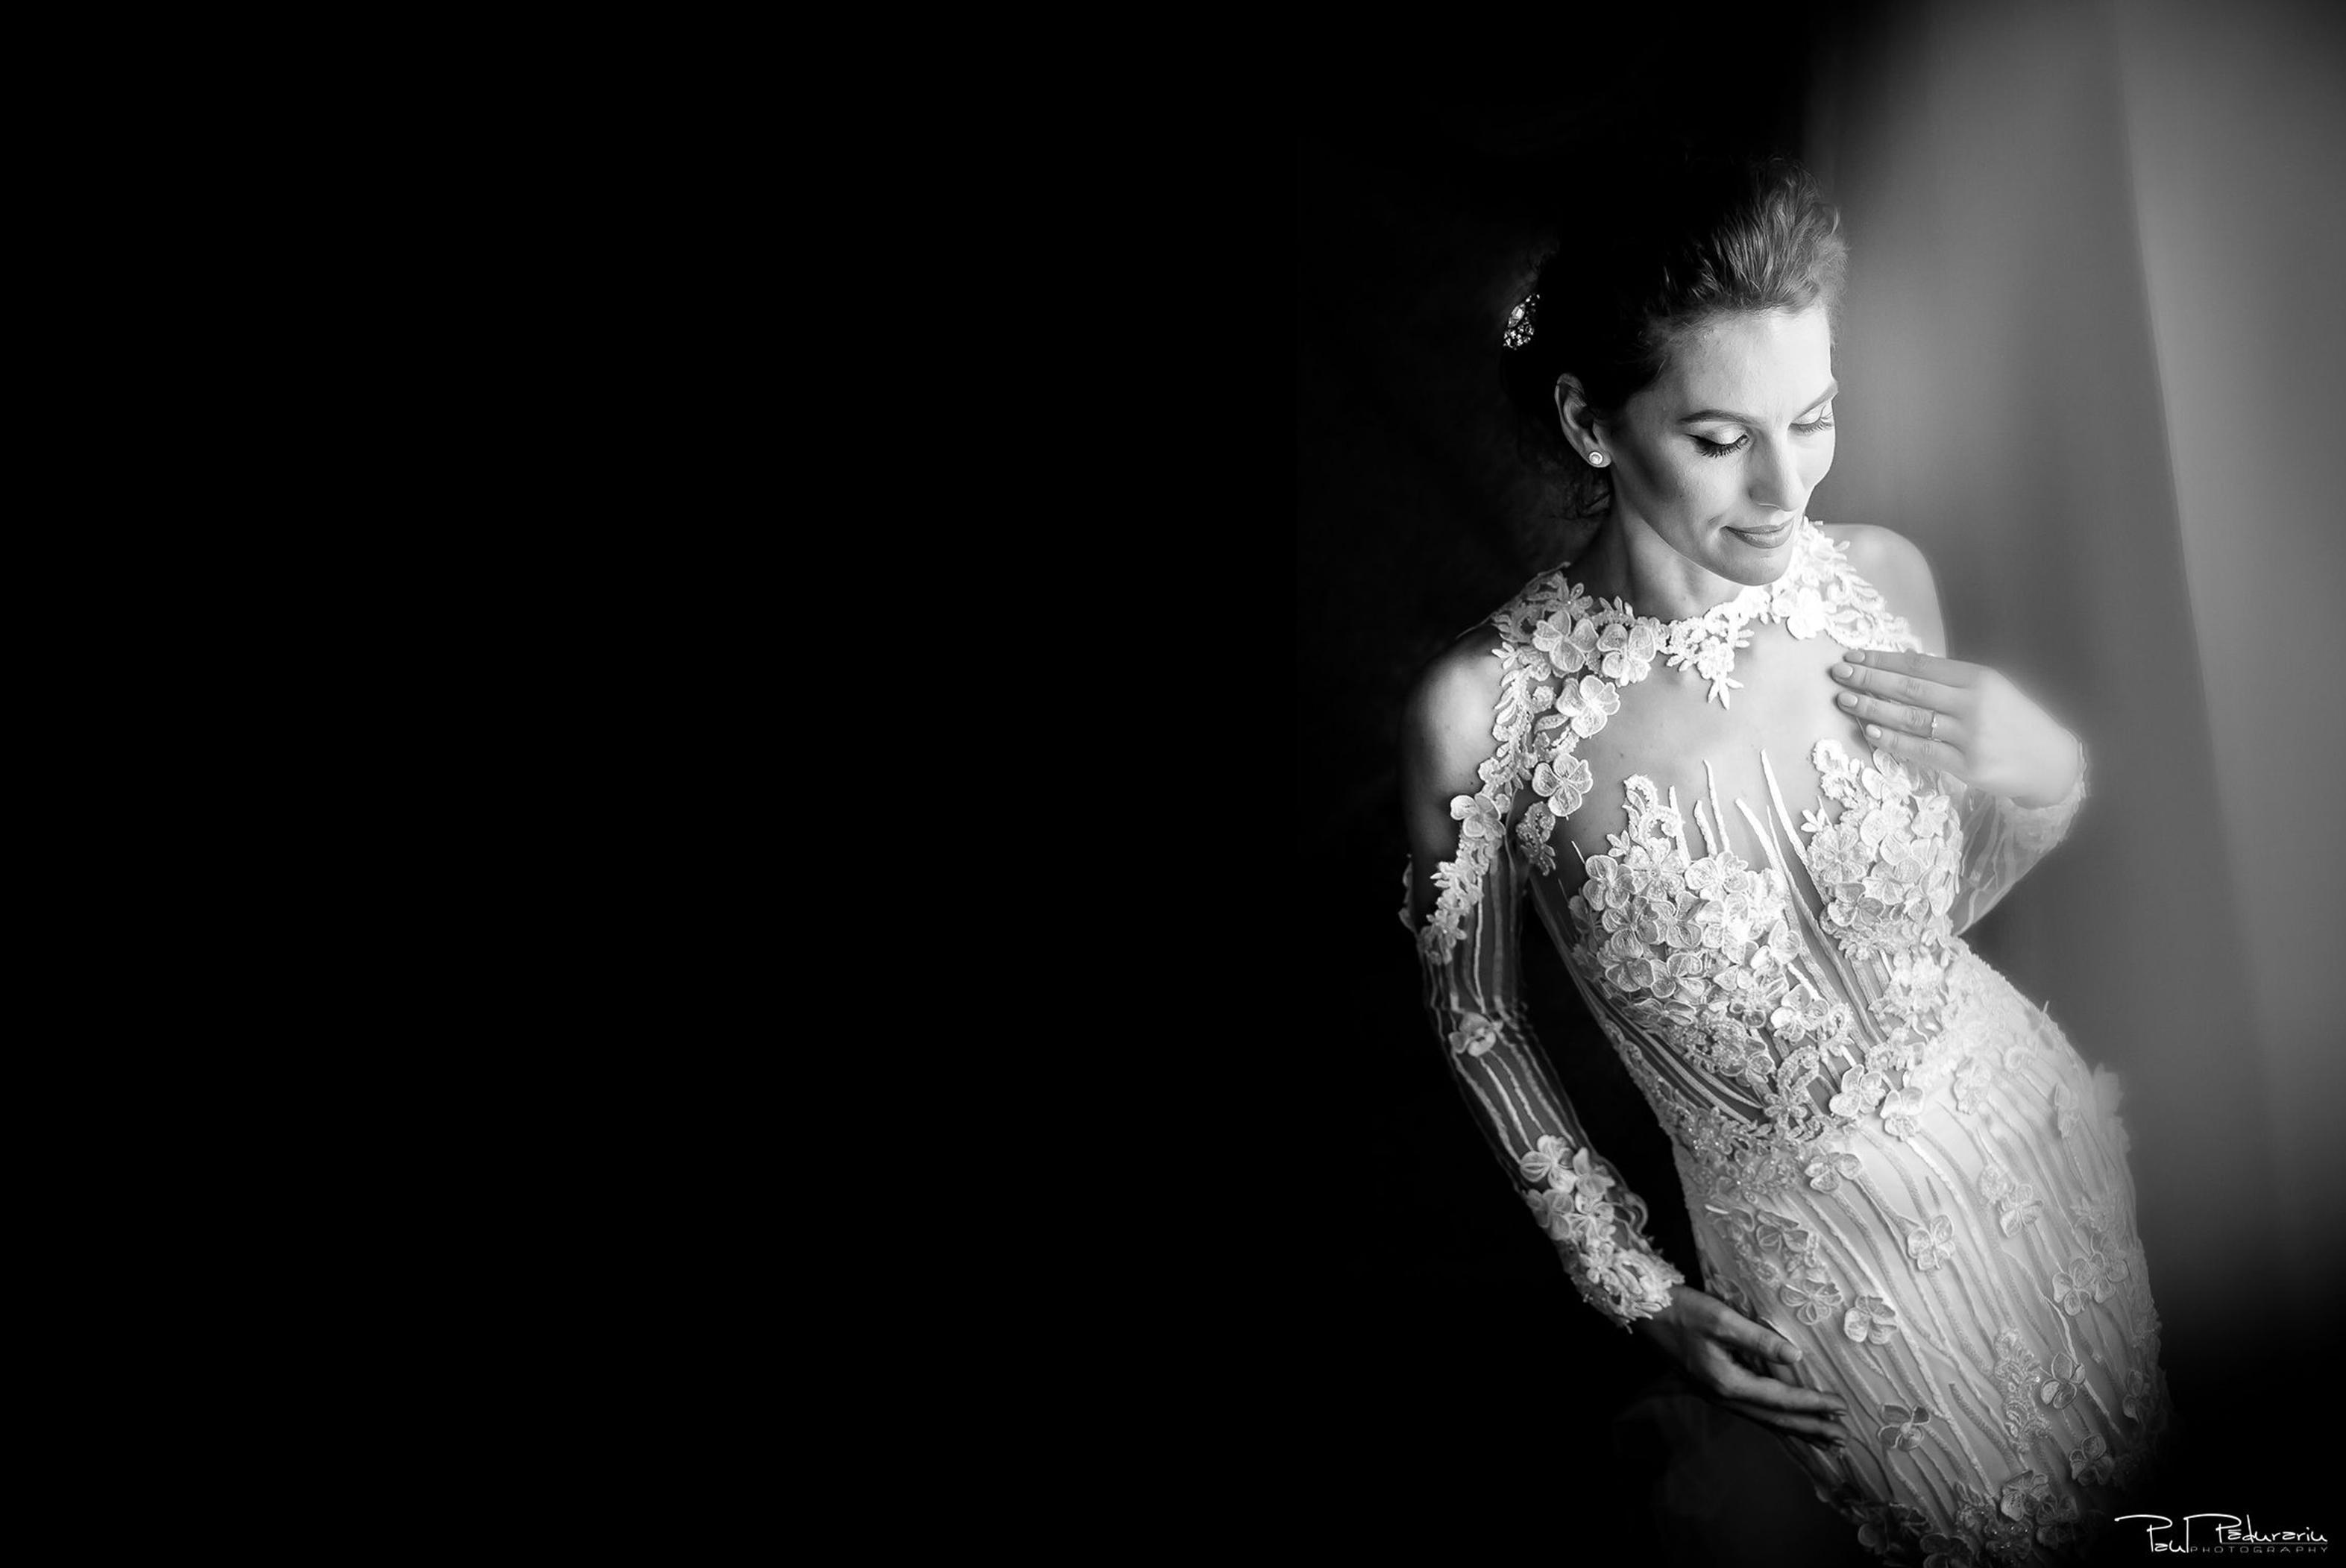 fotograf profesionist nunta iasi sedinta foto paul padurariu